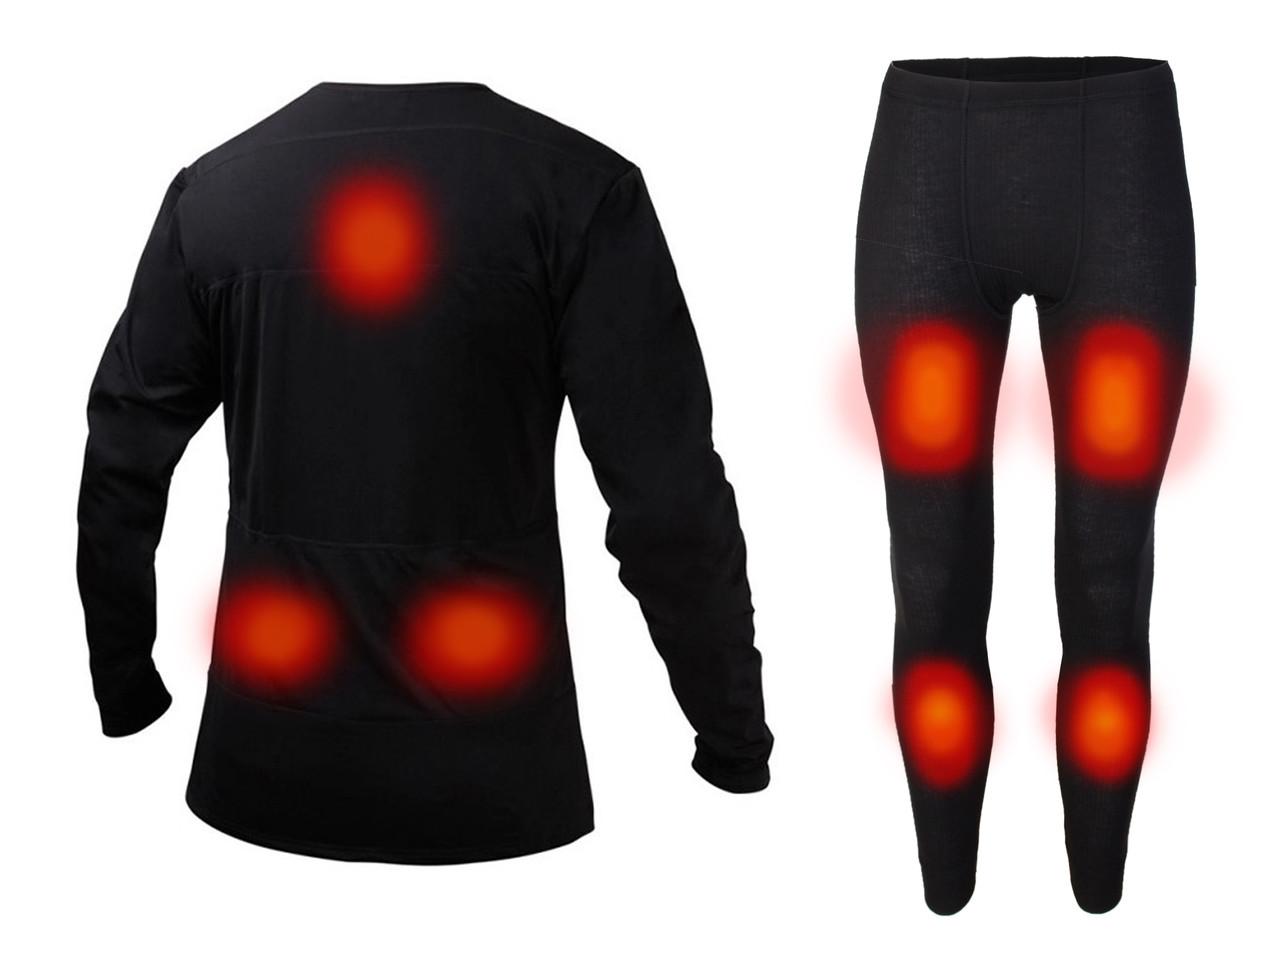 Eco-obogrev Thermo-Fleece BL1 краще ФЛІСОВА ТЕРМОБІЛИЗНА З ПІДІГРІВОМ для риболовлі та полювання